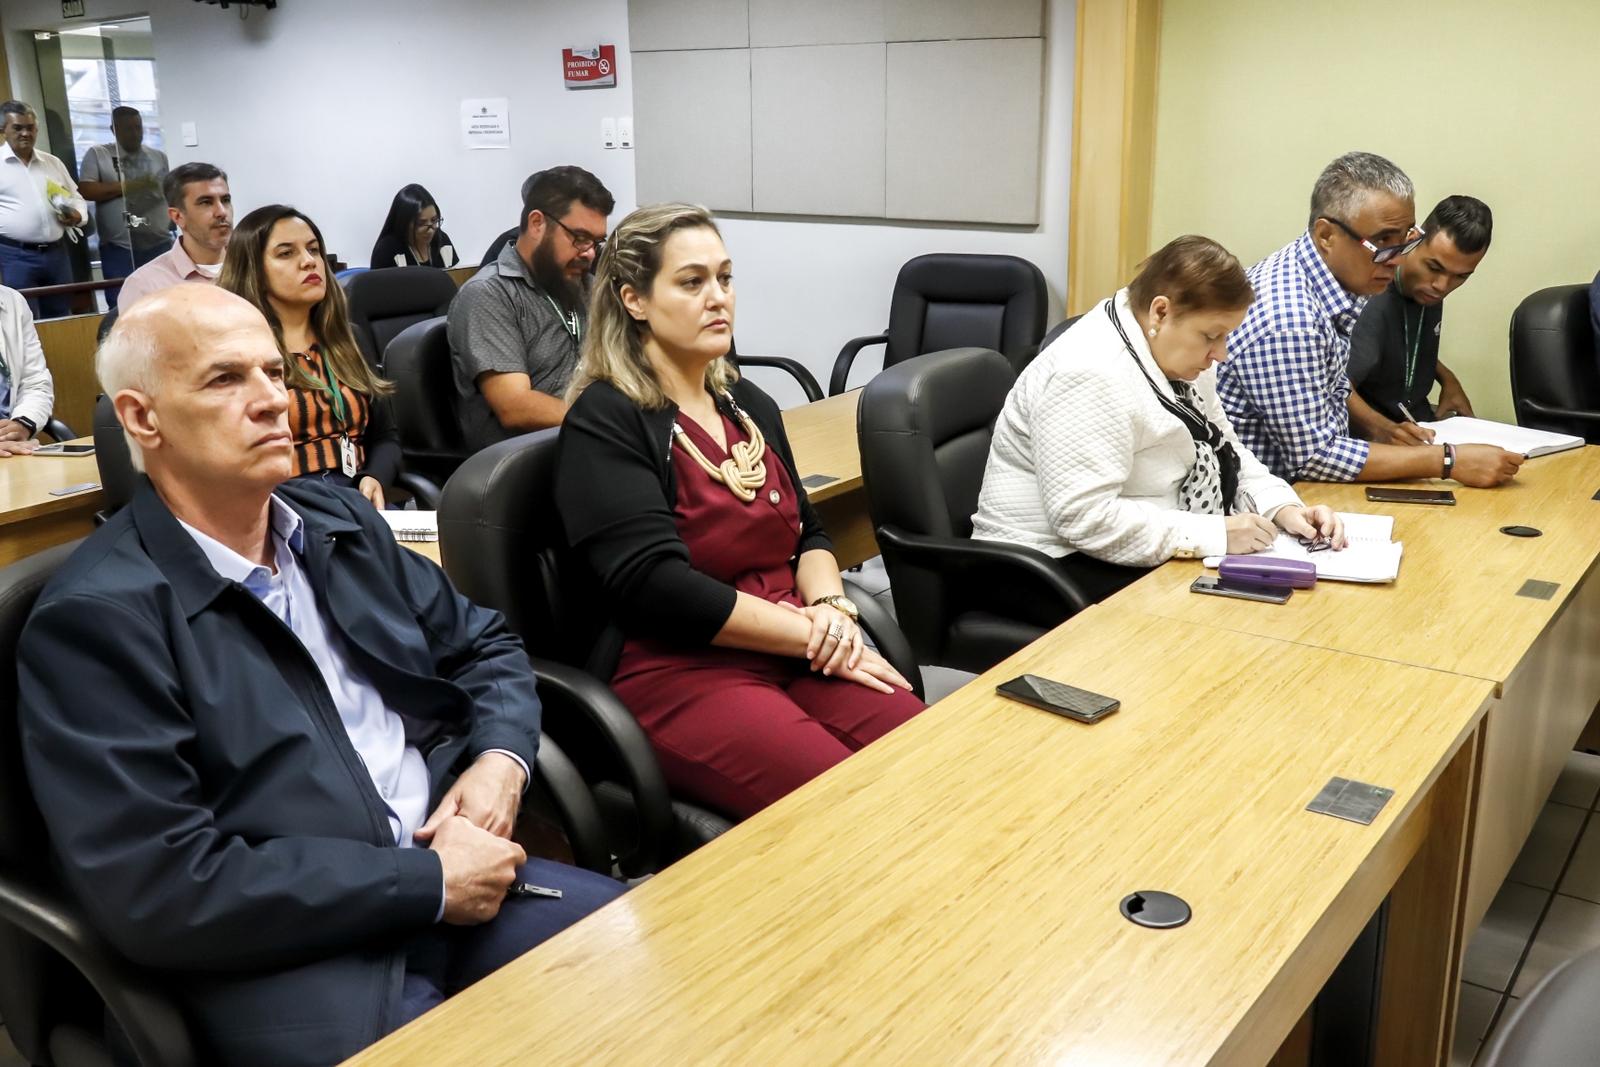 Audiência Pública Finanças-3 Quadrimestre 2019 (5).jpg